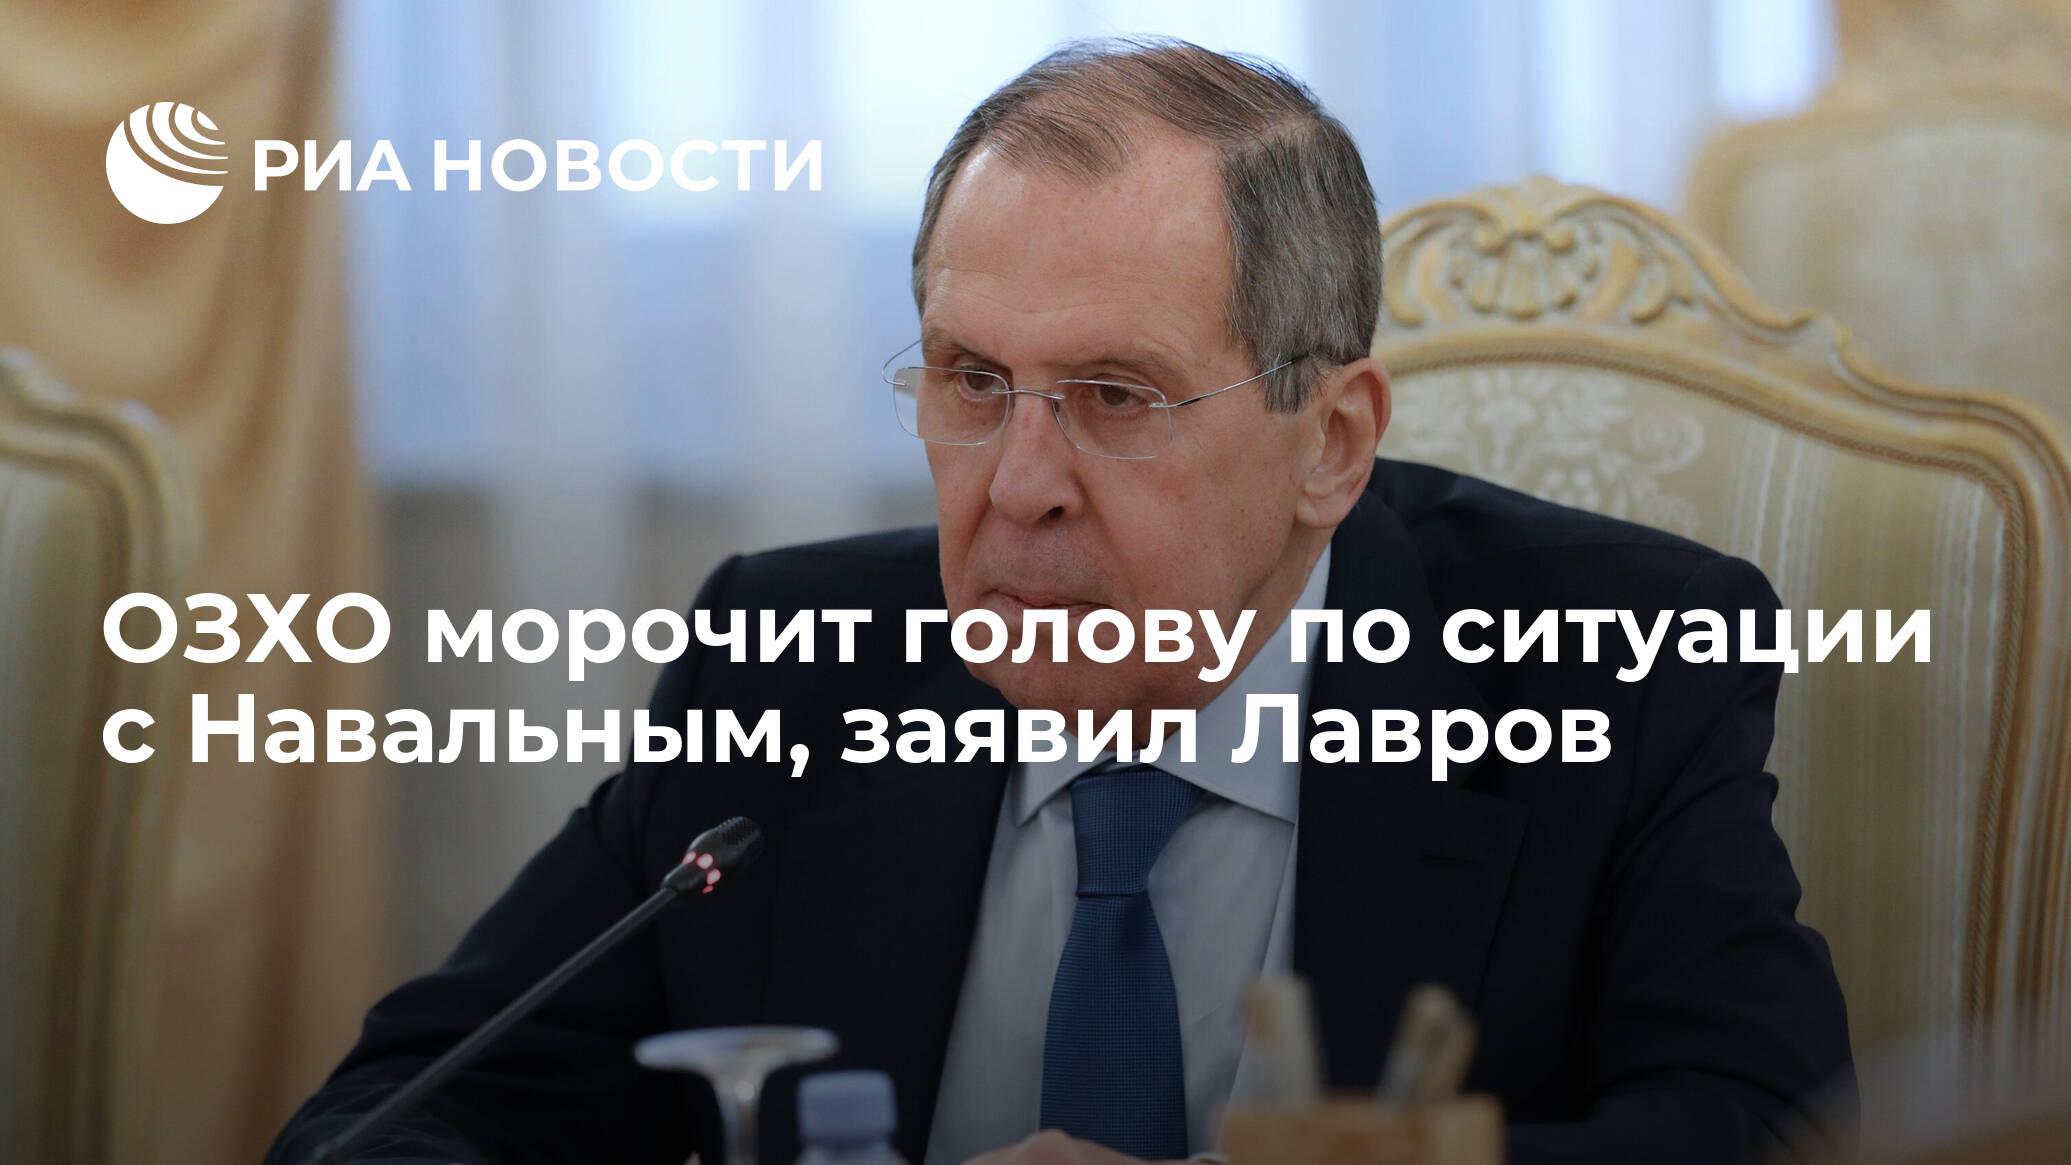 ОЗХО морочит голову по ситуации с Навальным, заявил Лавров